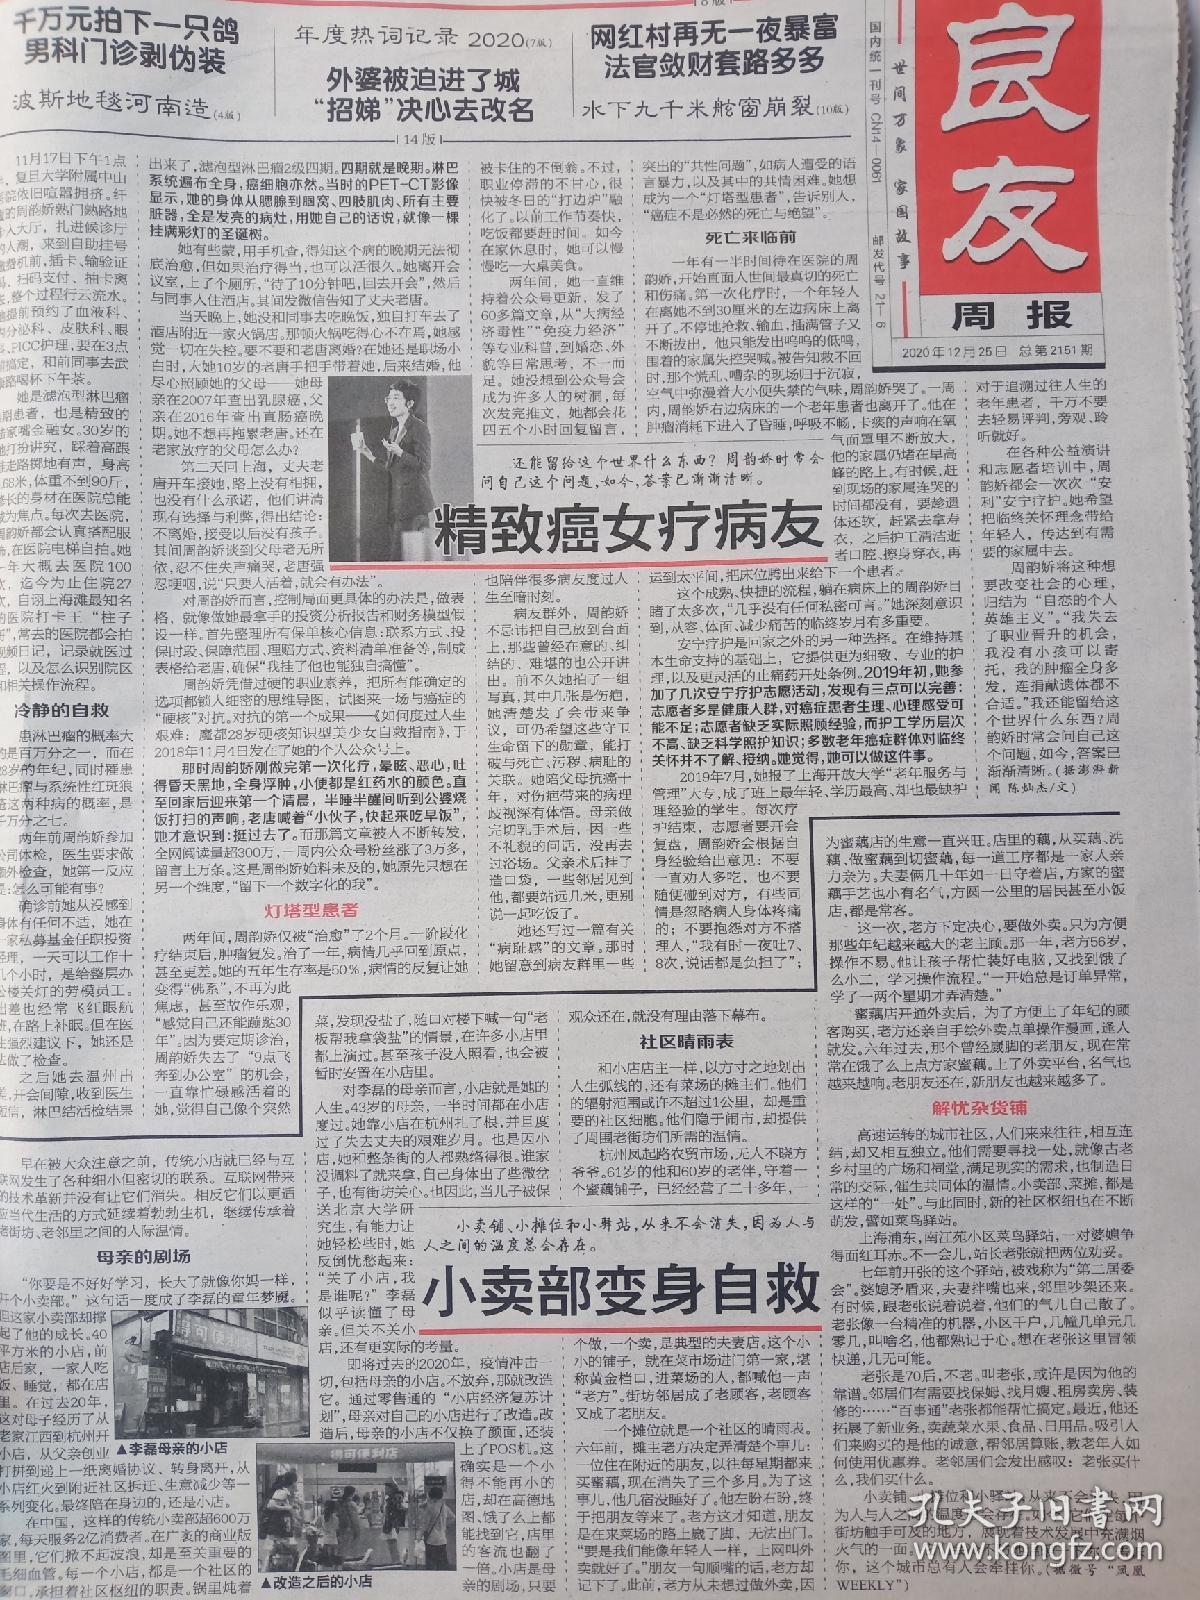 良友周报报纸2020年12月25日第2151期